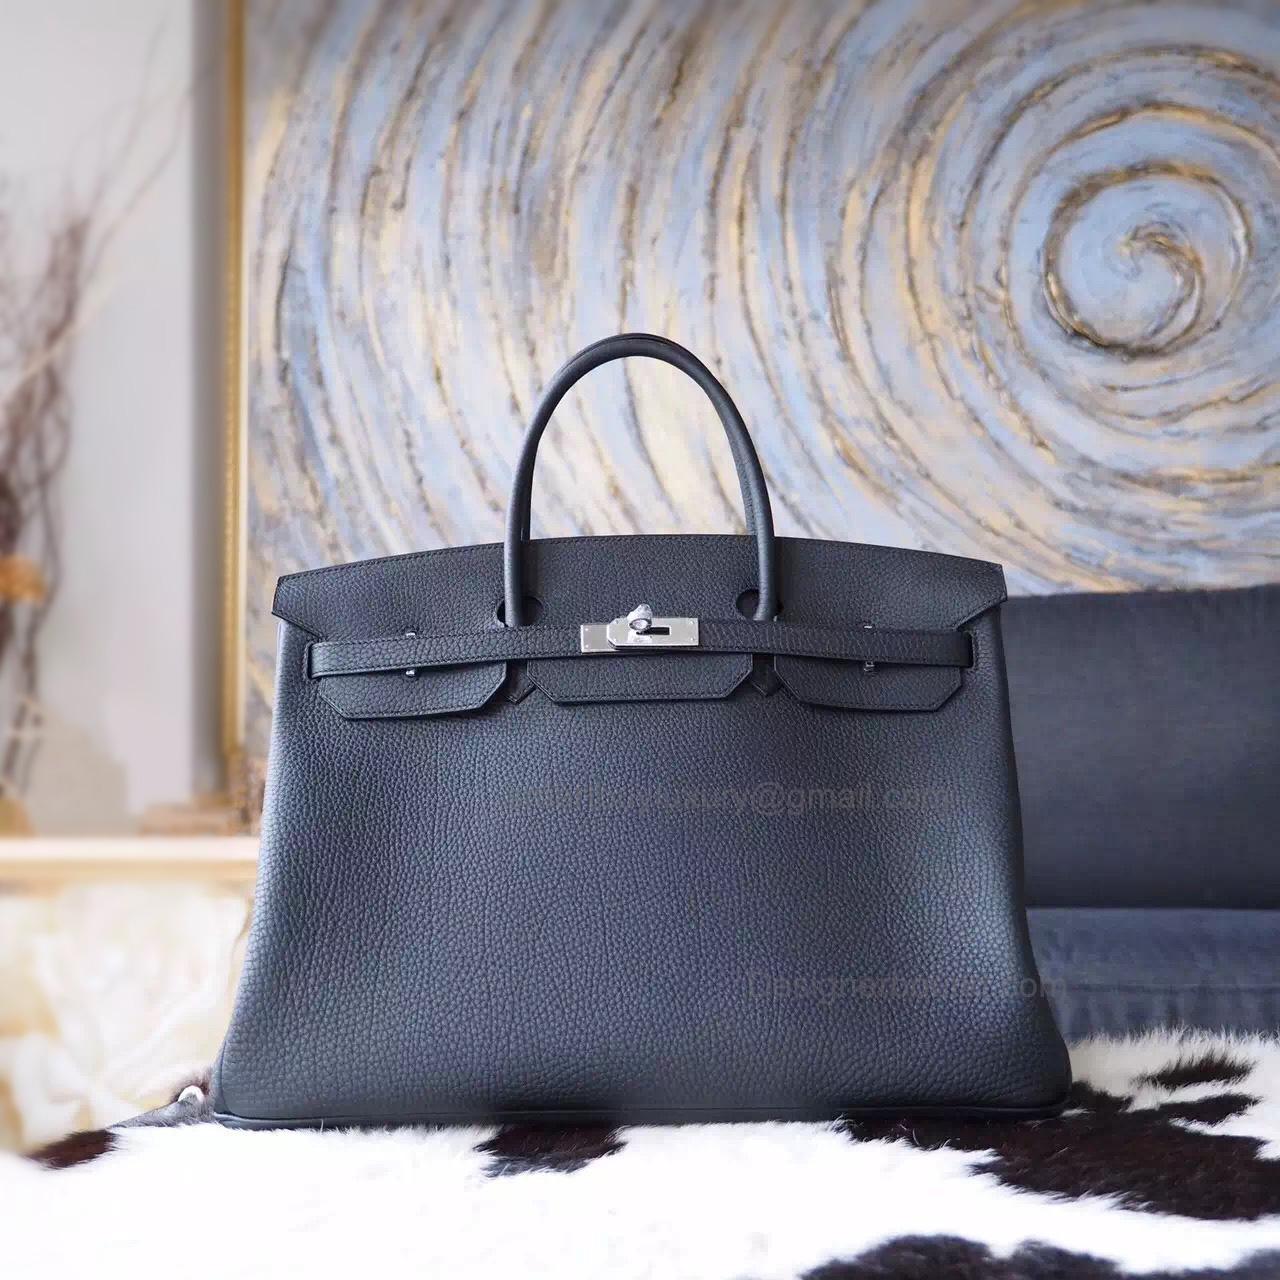 5ed60d2b92fe Hand Stitched Hermes Birkin 40 Bag in ck89 Noir Togo Calfskin SHW